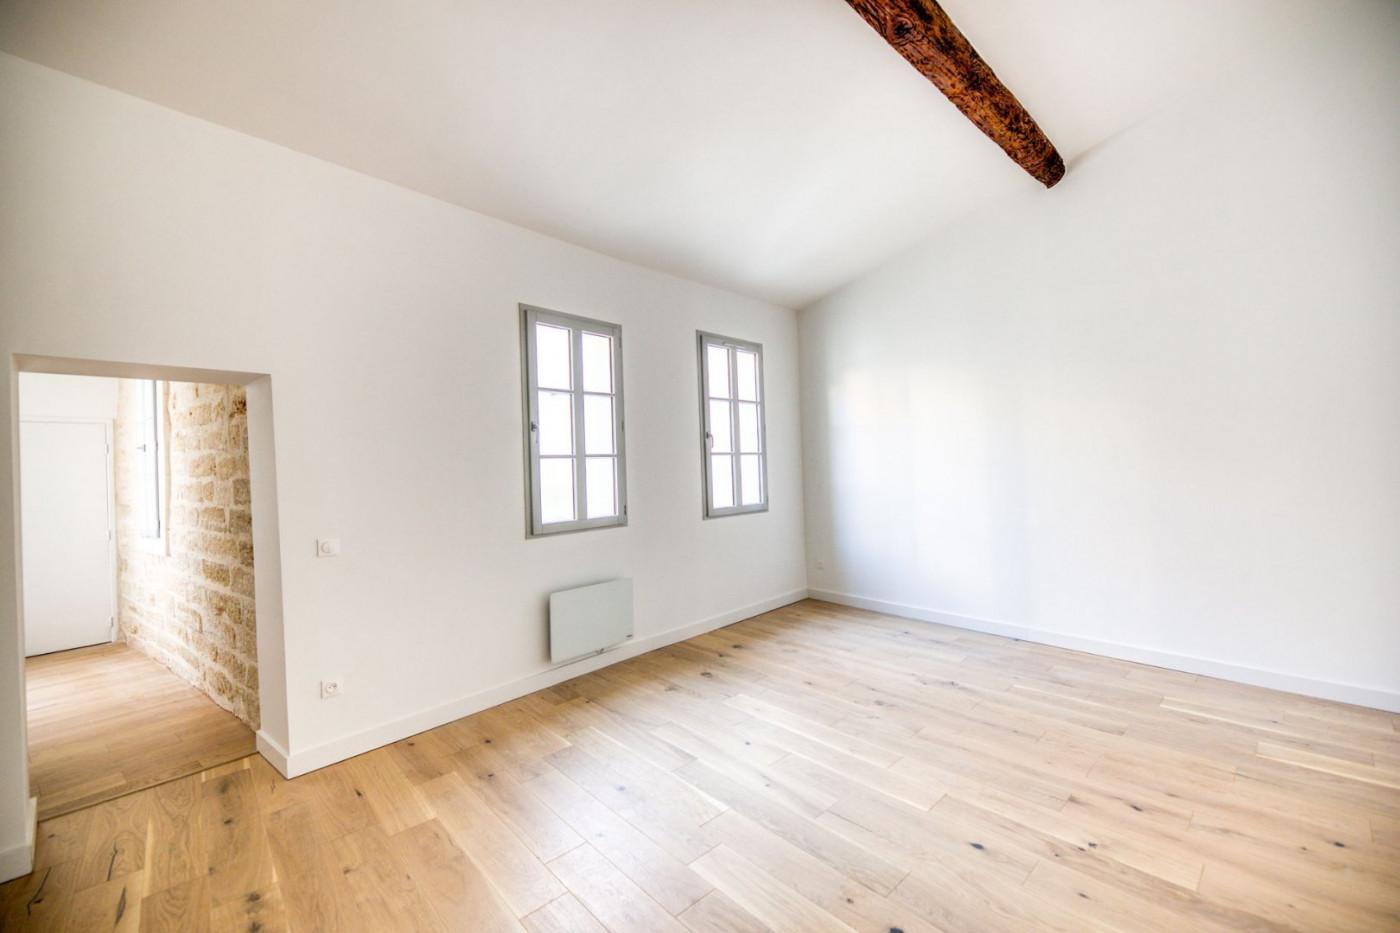 A vendre  Montpellier | Réf 3456251260 - Comptoir immobilier de france